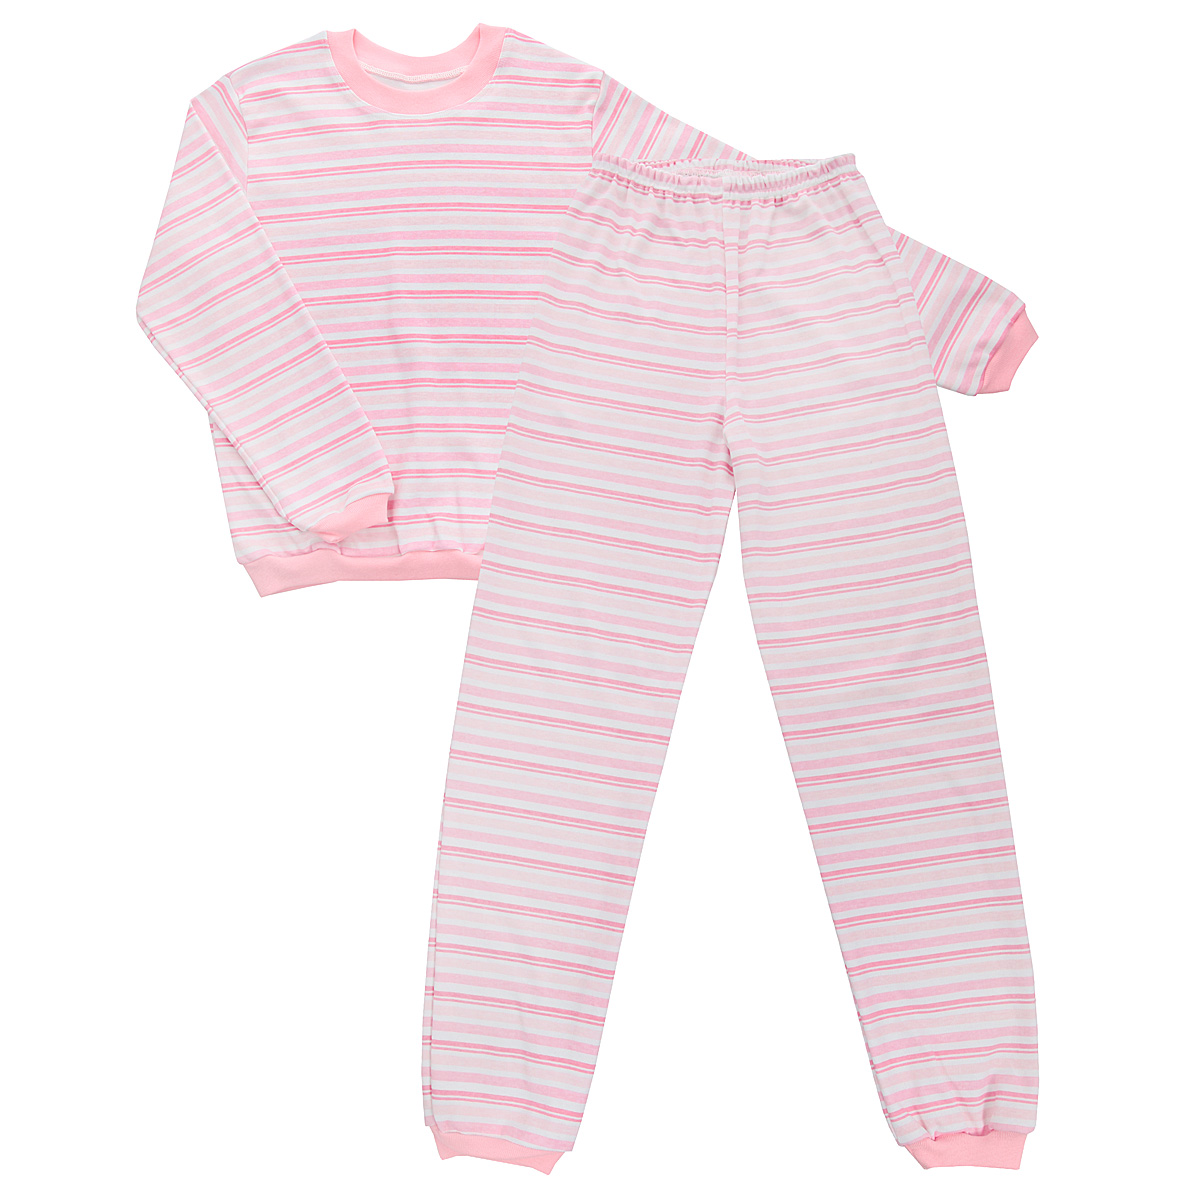 Пижама детская Трон-плюс, цвет: розовый, белый. 5555_полоска. Размер 122/128, 7-10 лет5555_полоскаУютная детская пижама Трон-плюс, состоящая из джемпера и брюк, идеально подойдет вашему ребенку и станет отличным дополнением к детскому гардеробу. Изготовленная из интерлока, она необычайно мягкая и легкая, не сковывает движения, позволяет коже дышать и не раздражает даже самую нежную и чувствительную кожу ребенка. Трикотажный джемпер с длинными рукавами имеет круглый вырез горловины. Низ изделия, рукава и вырез горловины дополнены эластичной трикотажной резинкой контрастного цвета.Брюки на талии имеют эластичную резинку, благодаря чему не сдавливают живот ребенка и не сползают. Низ брючин дополнен широкими эластичными манжетами контрастного цвета.Оформлено изделие принтом в полоску. В такой пижаме ваш ребенок будет чувствовать себя комфортно и уютно во время сна.